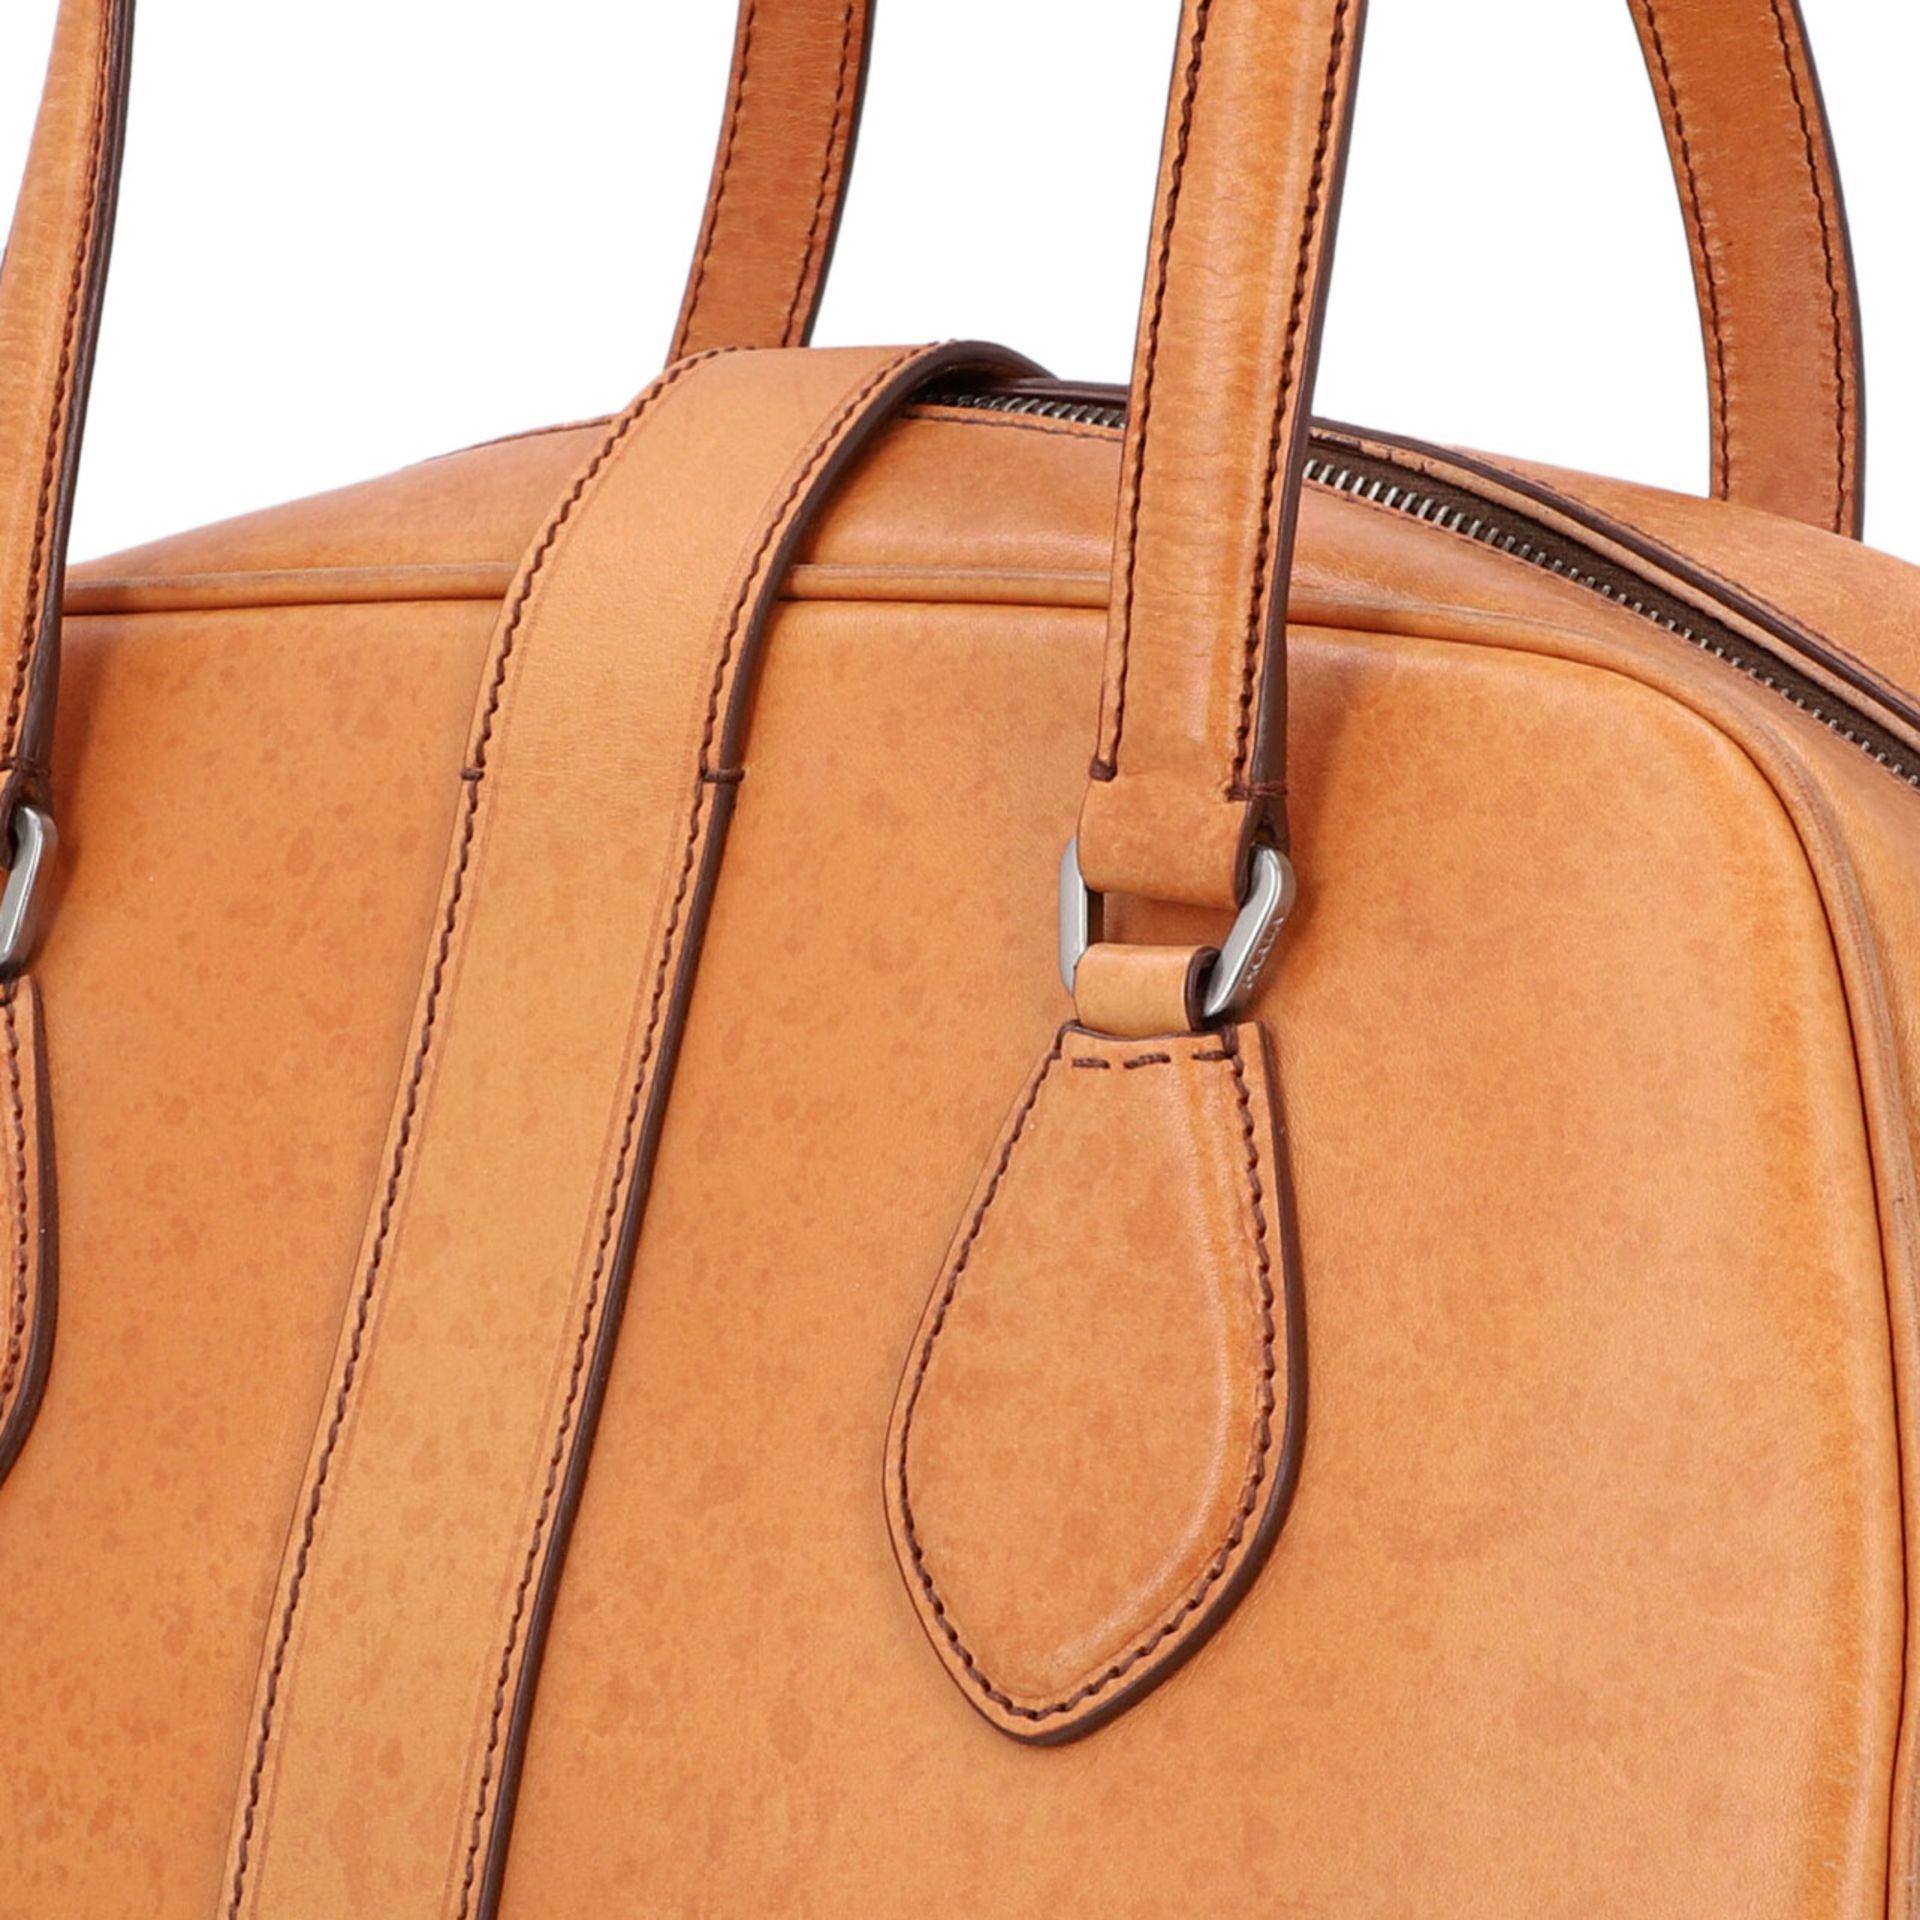 PRADA Handtasche. Glattleder in Beige mit silberfarbener Hardware, stabiles Modell mit - Image 7 of 8